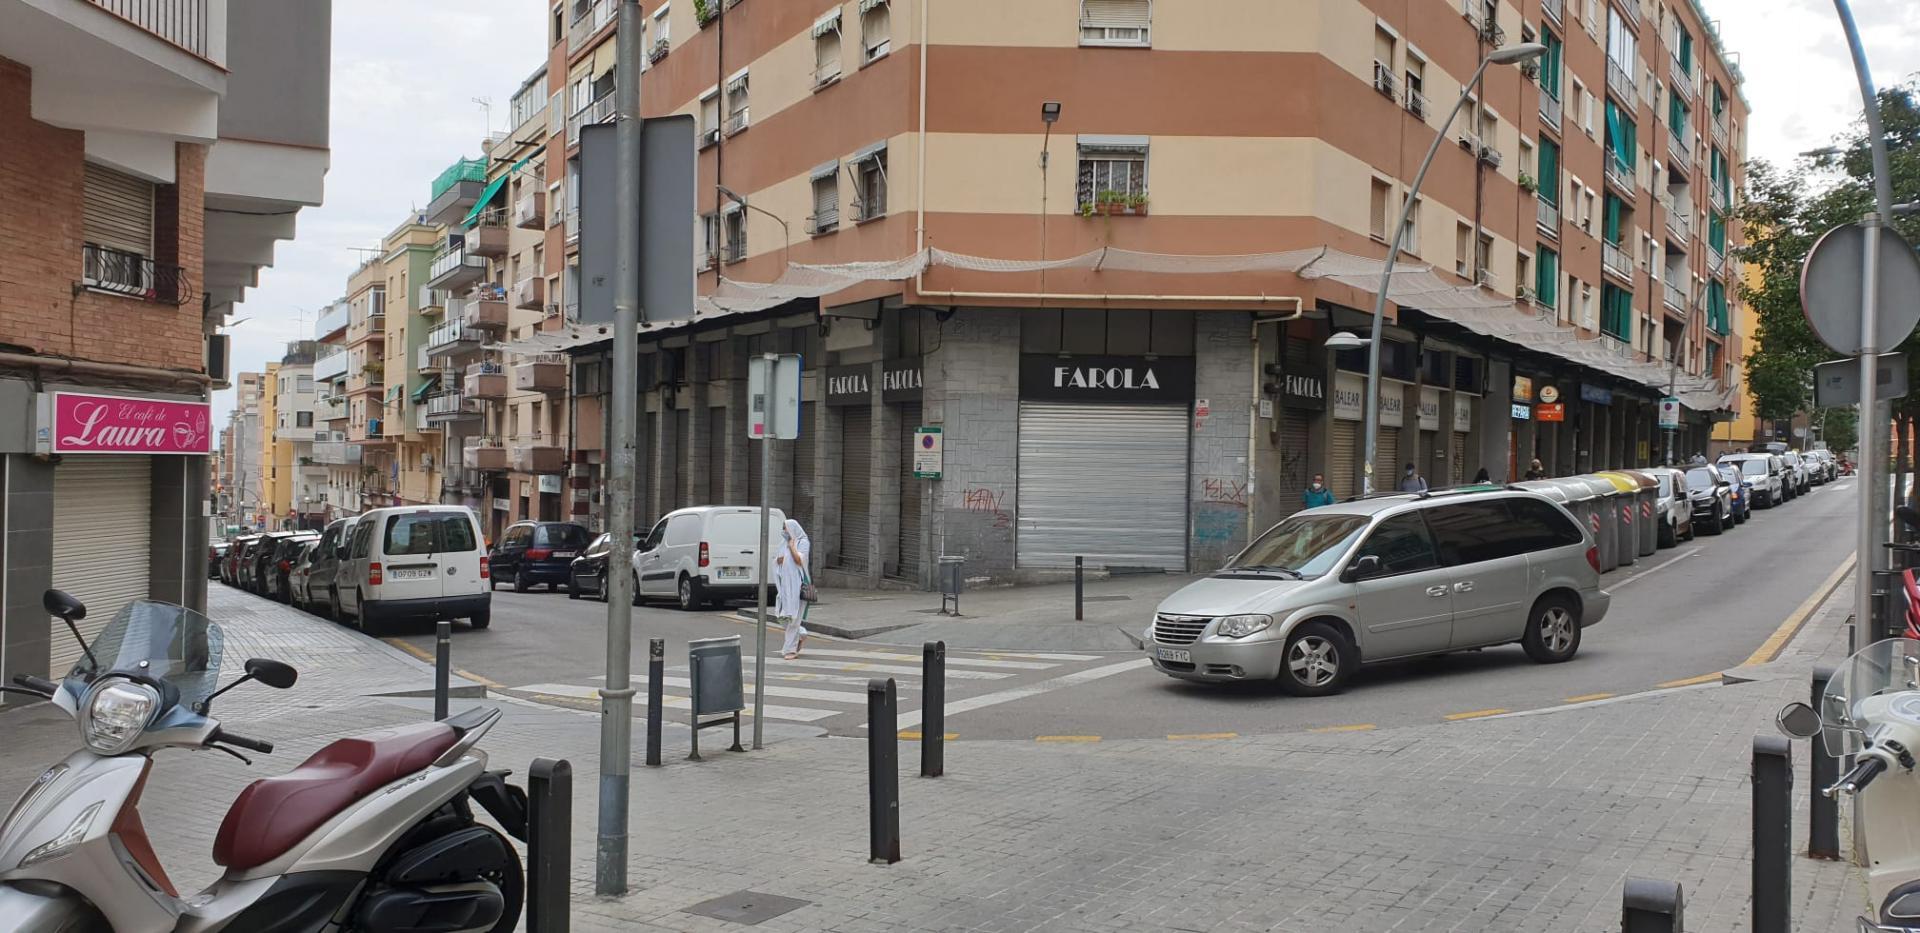 Local comercial – Esplugues de Llobregat 700.00 m2